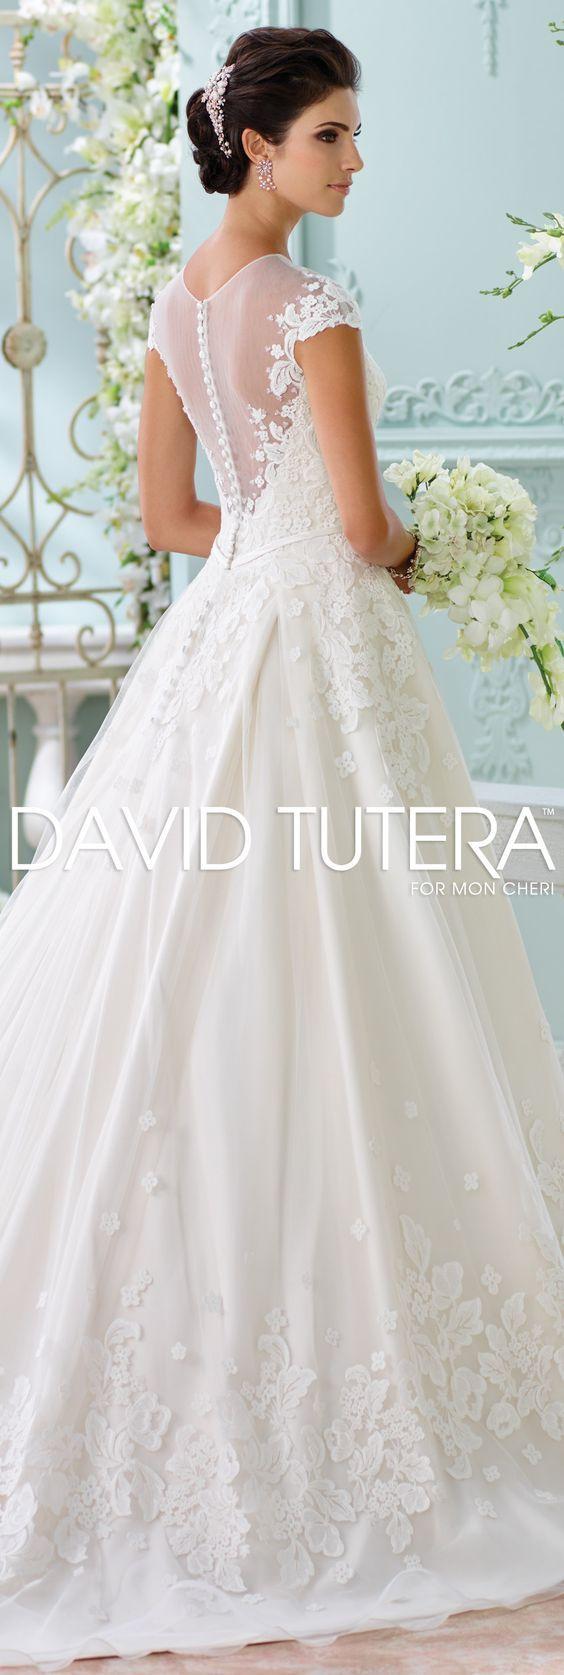 171 besten Hochzeitskleid Bilder auf Pinterest | Hochzeitskleider ...